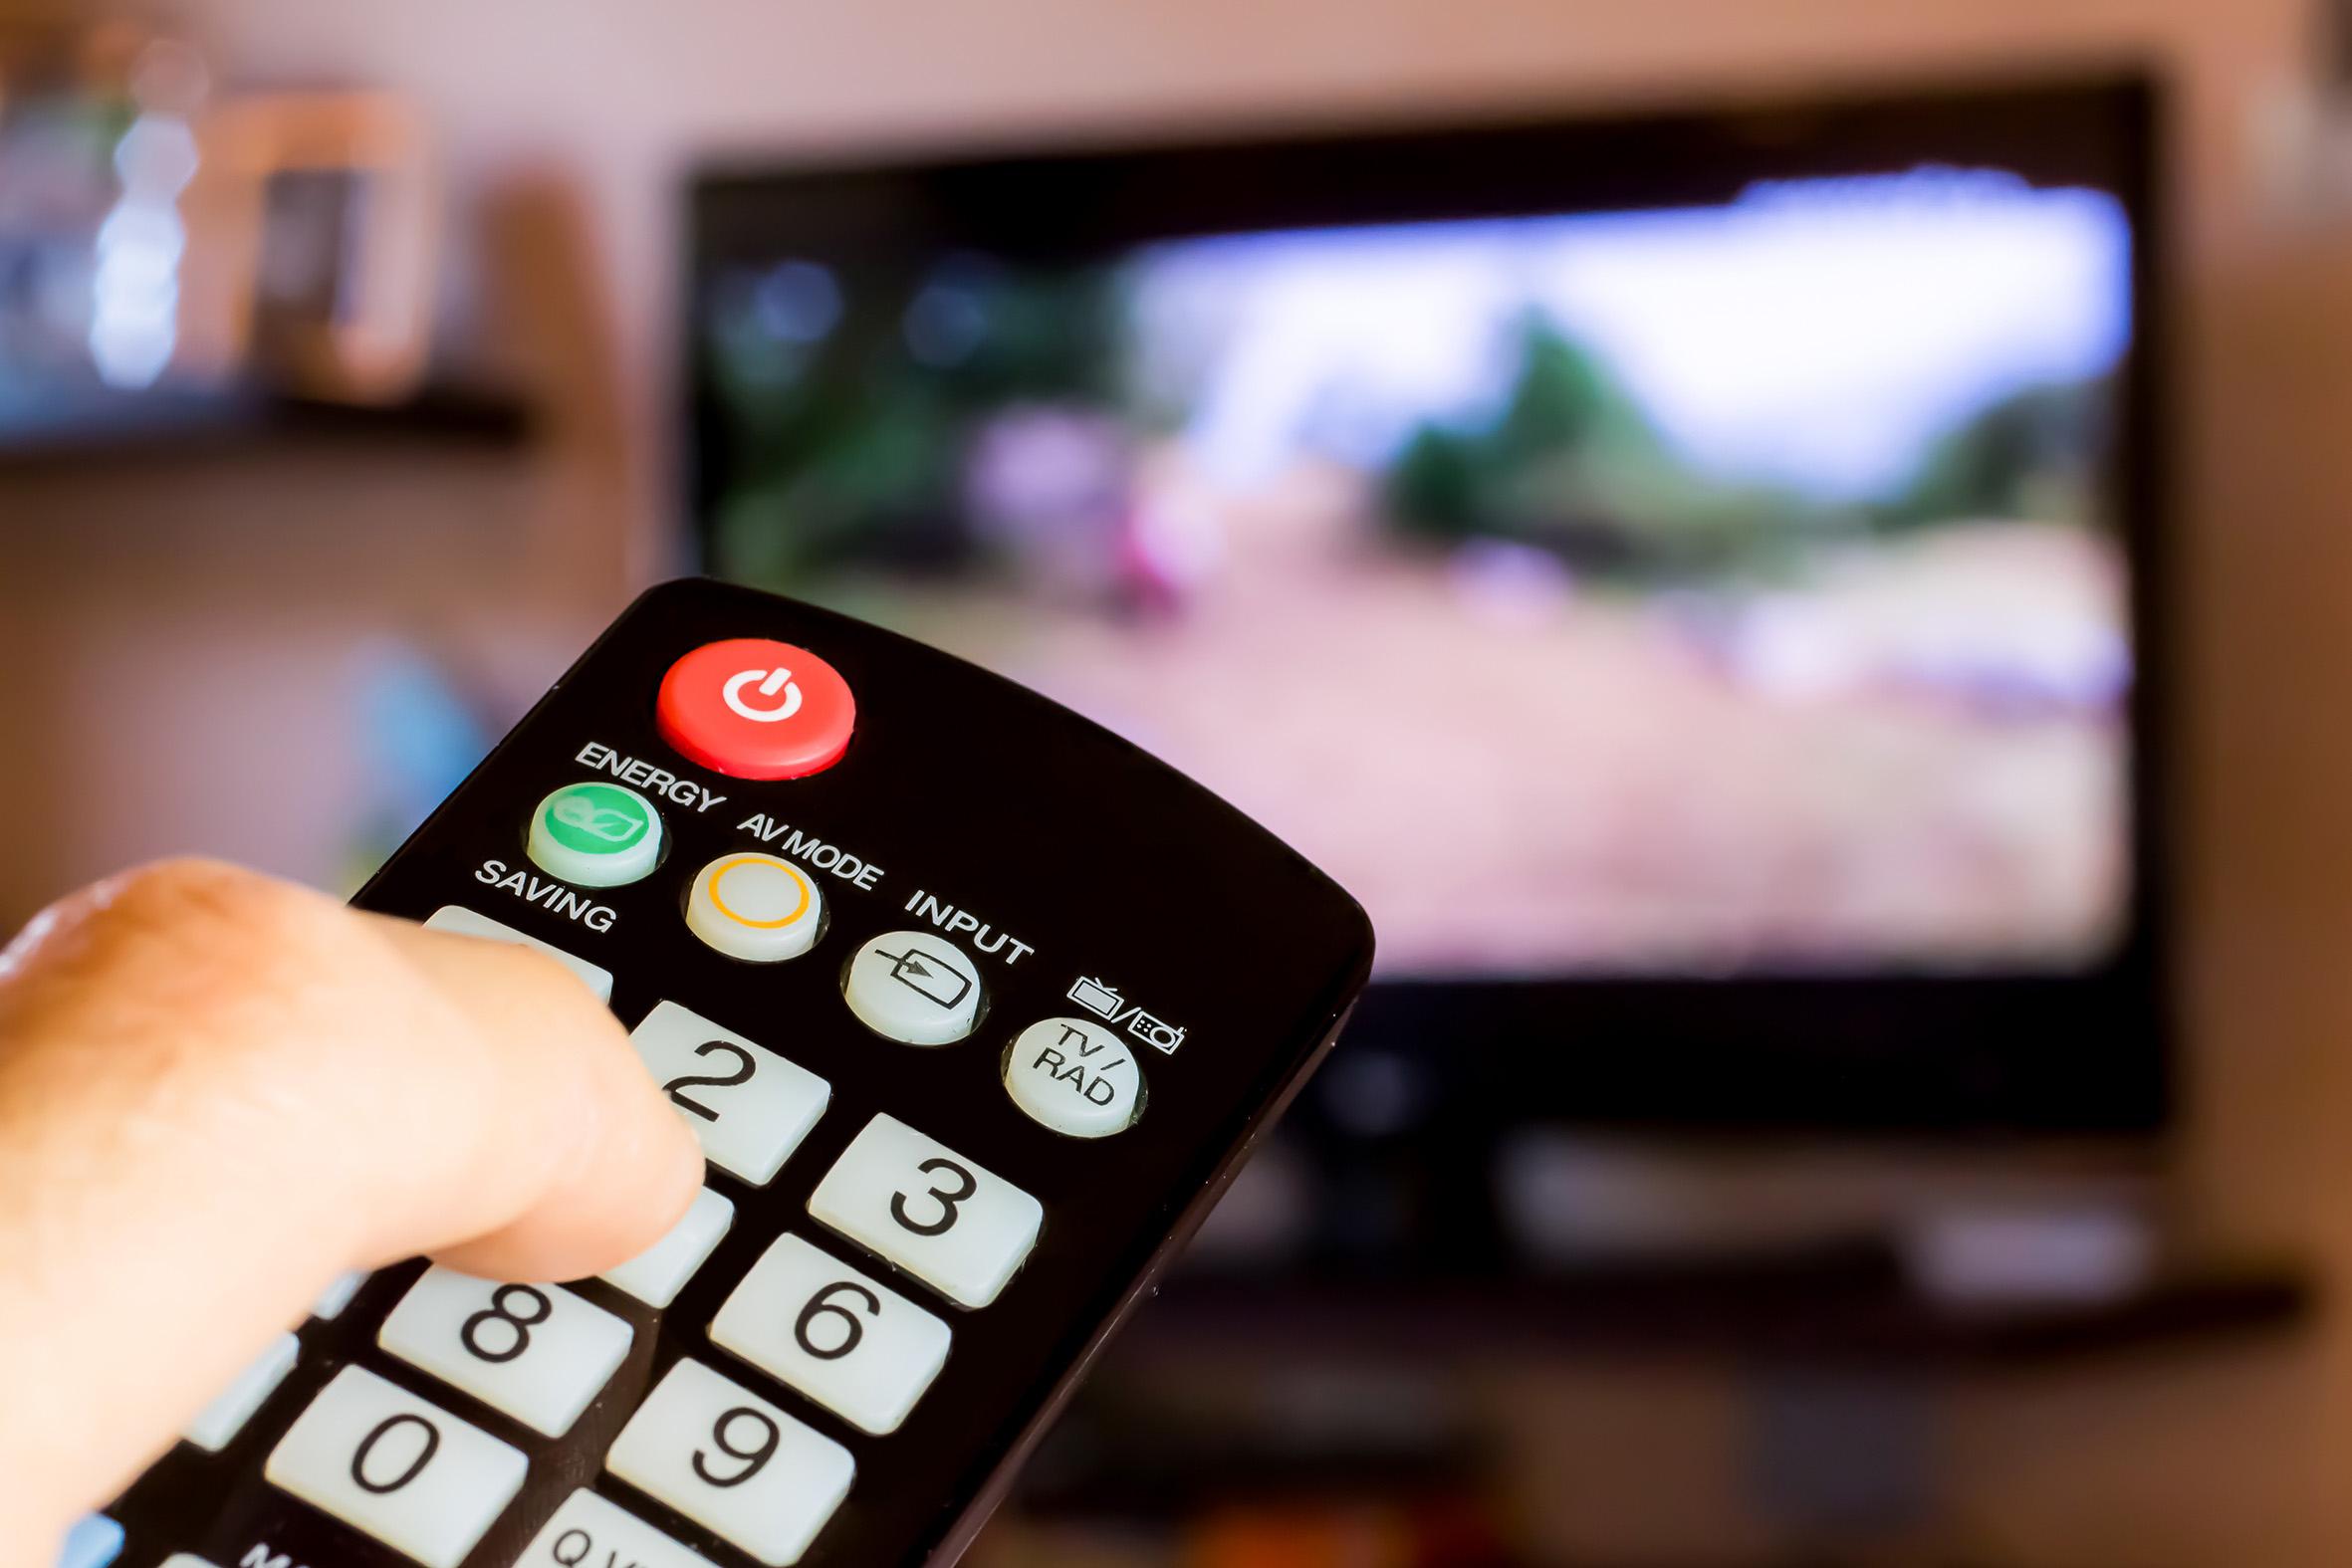 Em Parauapebas e Eldorado dos Carajás, sinal de internet móvel 4G pode atrapalhar o sinal da tv aberta